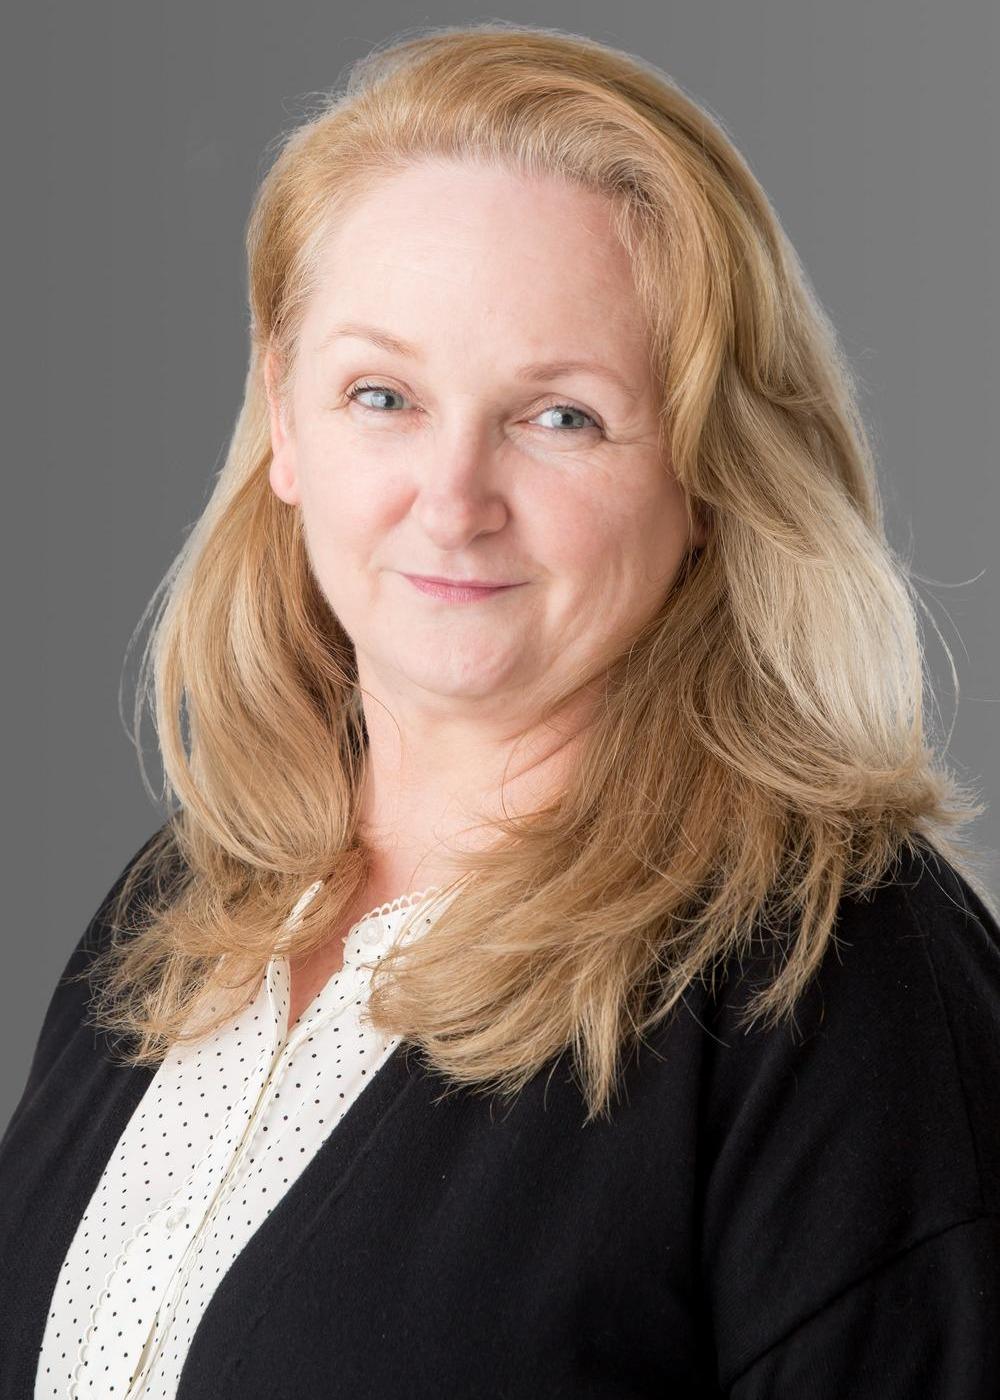 Susan O'Shaughnessy Photo